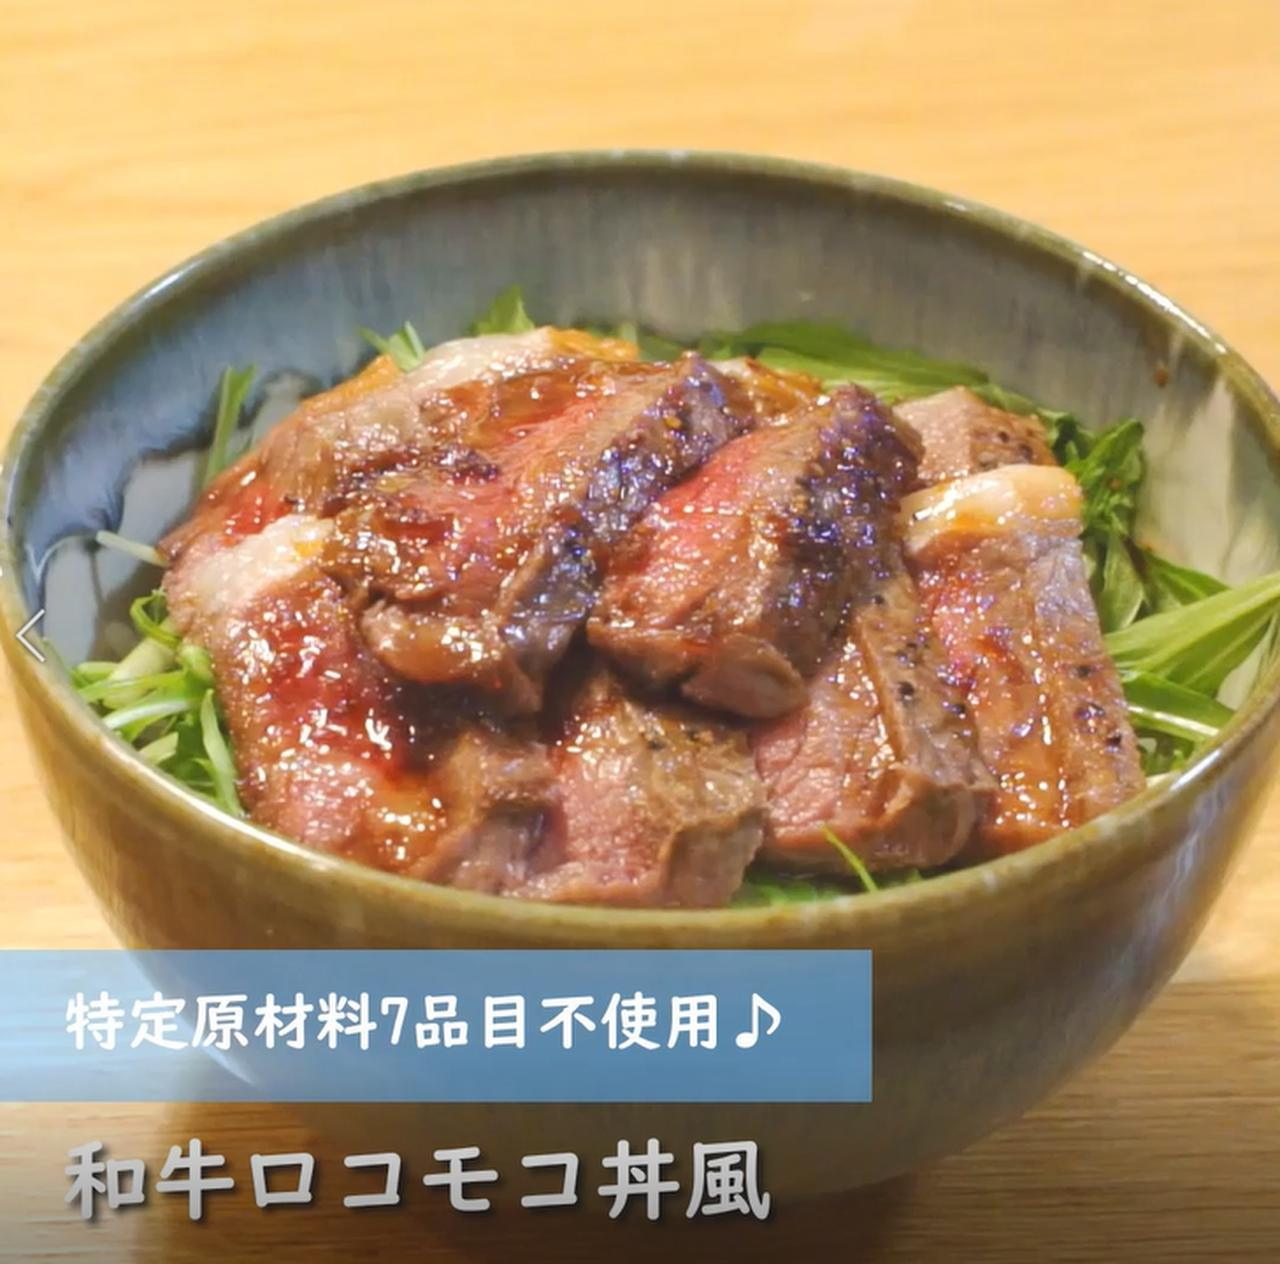 画像: ごはんがすすむ和牛ロコモコ丼風 - 君とごはん